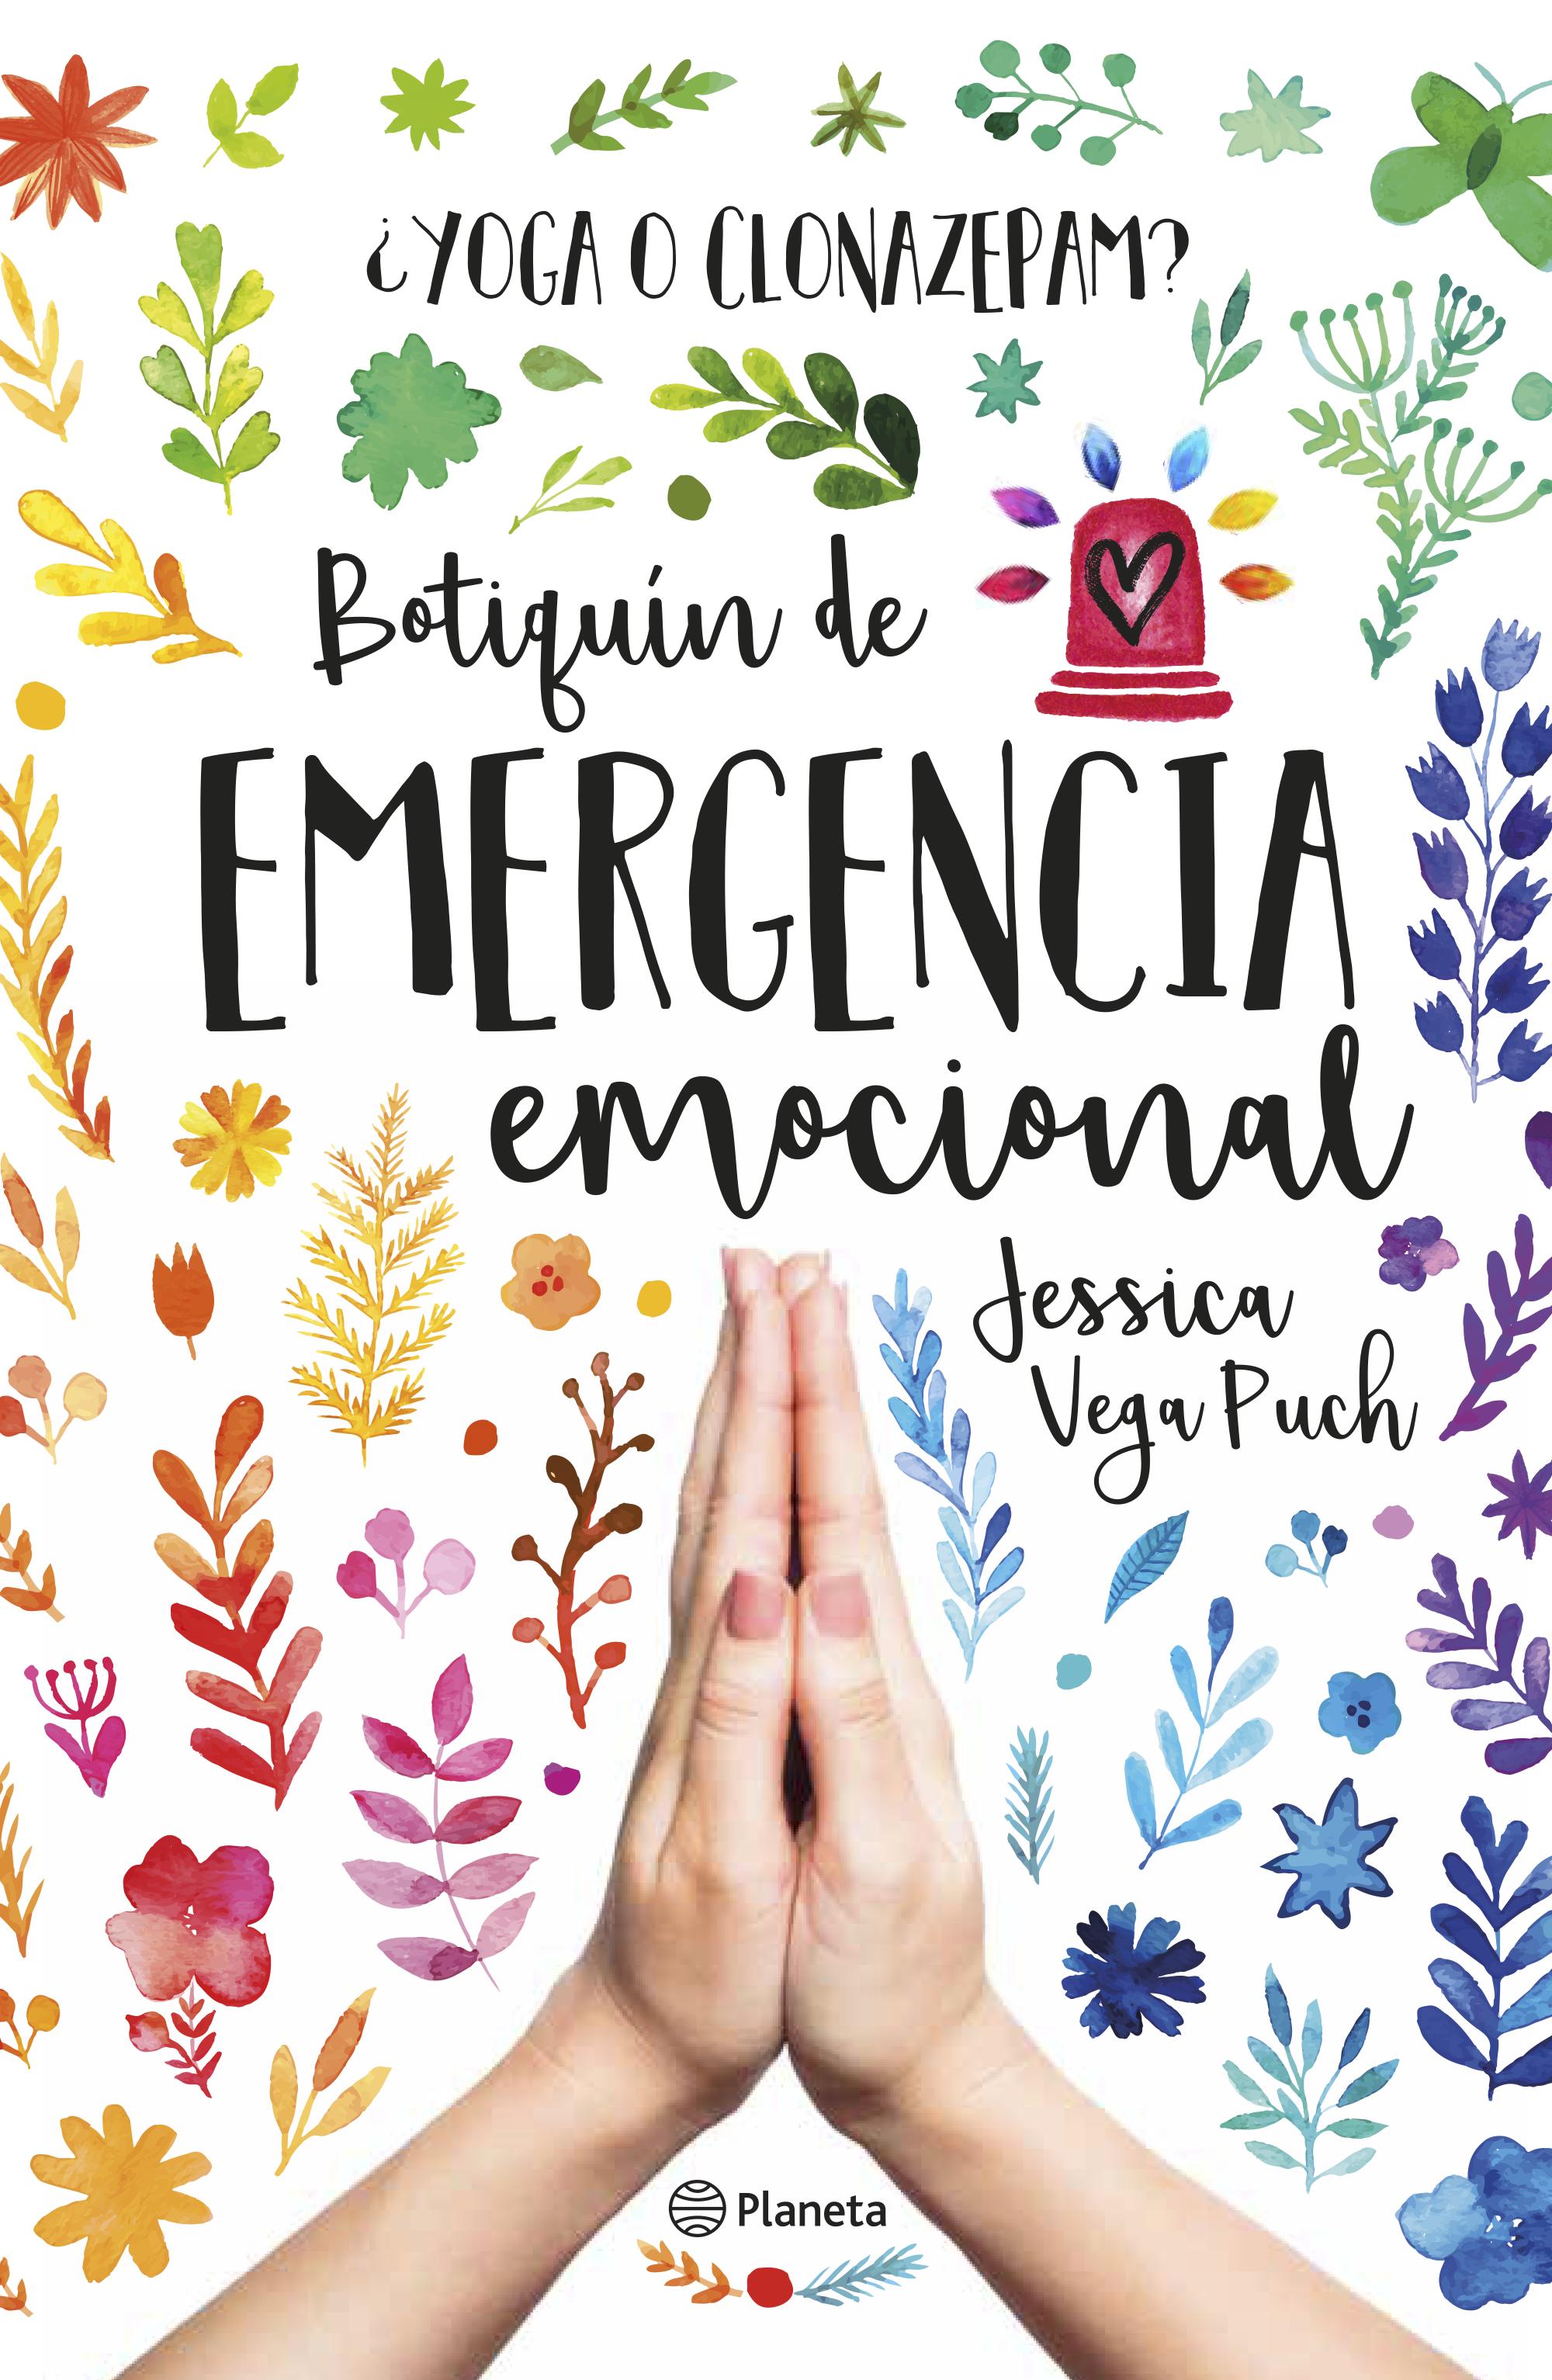 Yoga o Clonazepam? Botiquín de Emergencia Emocional - Jessica Vega Puch - Planeta